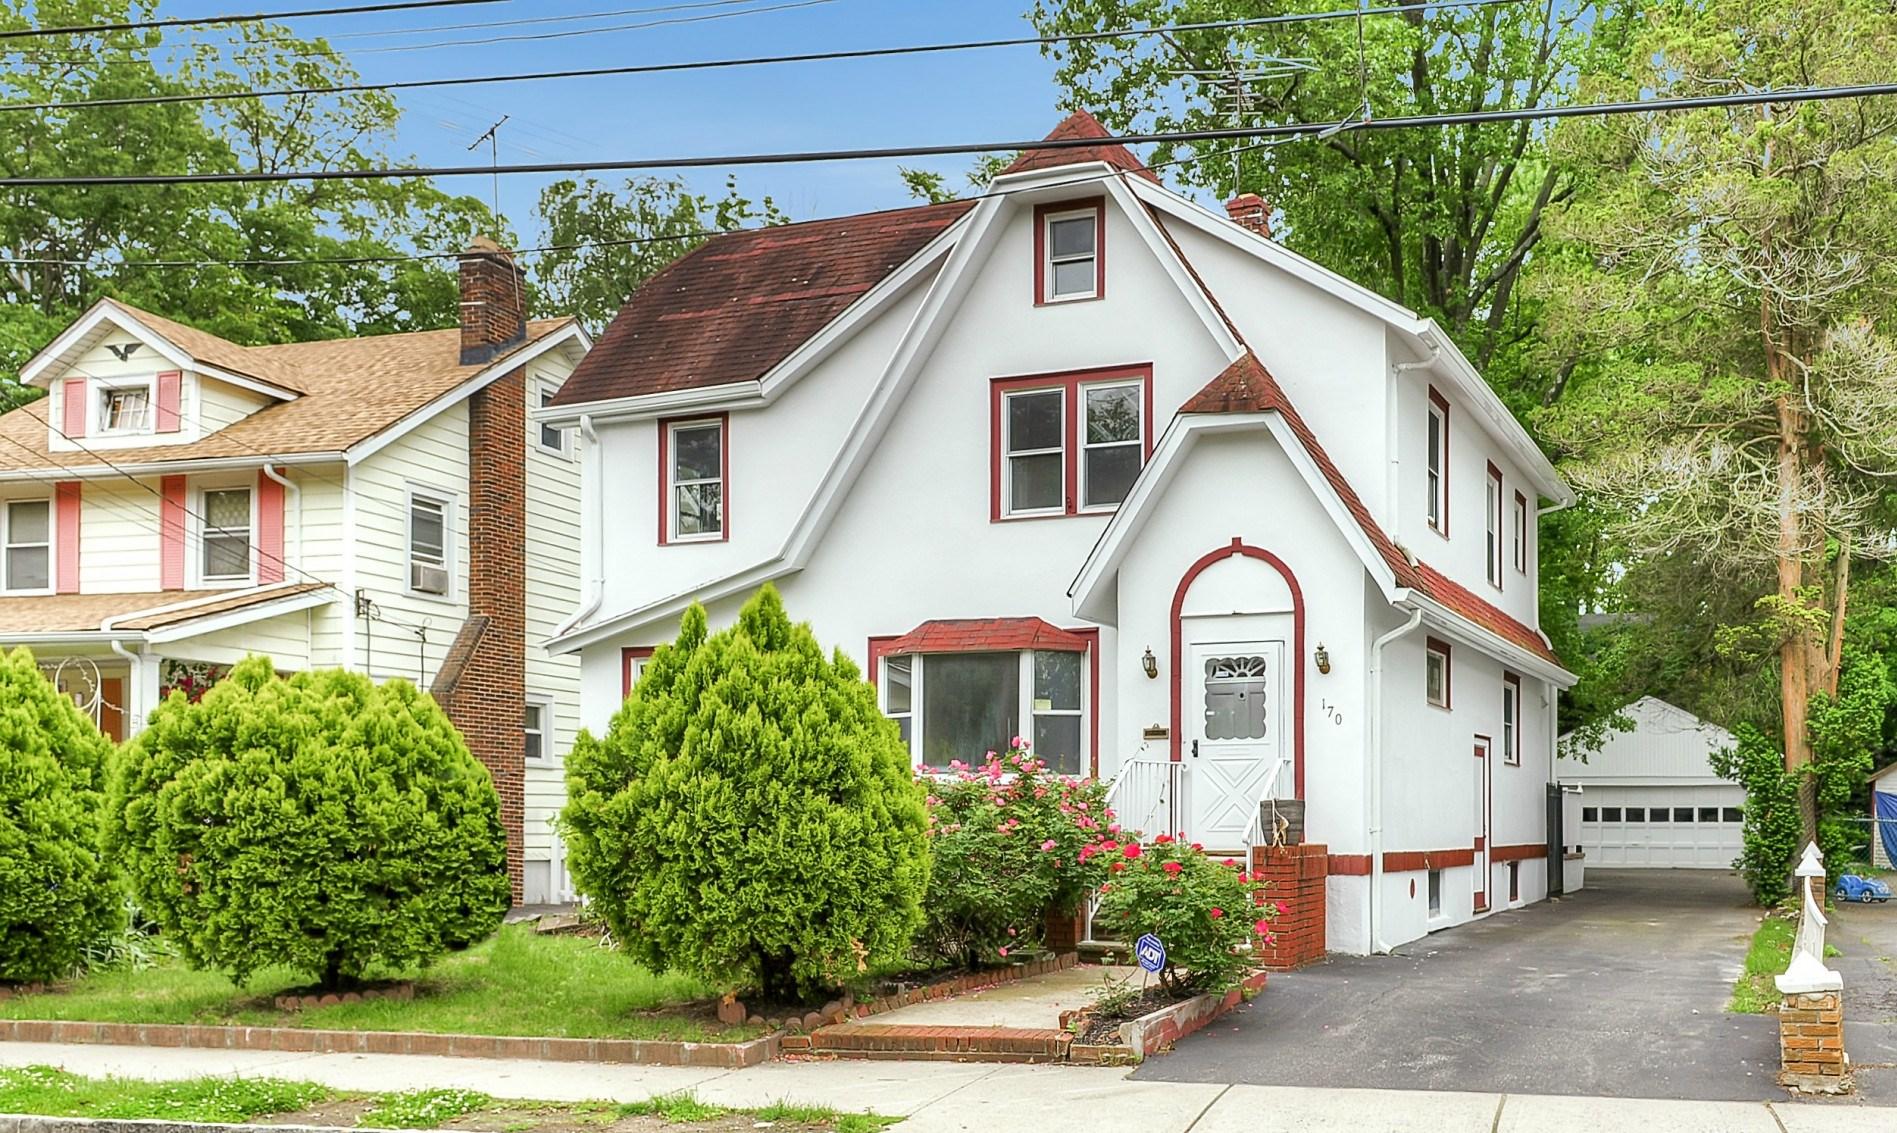 واحد منزل الأسرة للـ Sale في Updated Colonial 170 Jane St, Englewood, New Jersey, 07631 United States